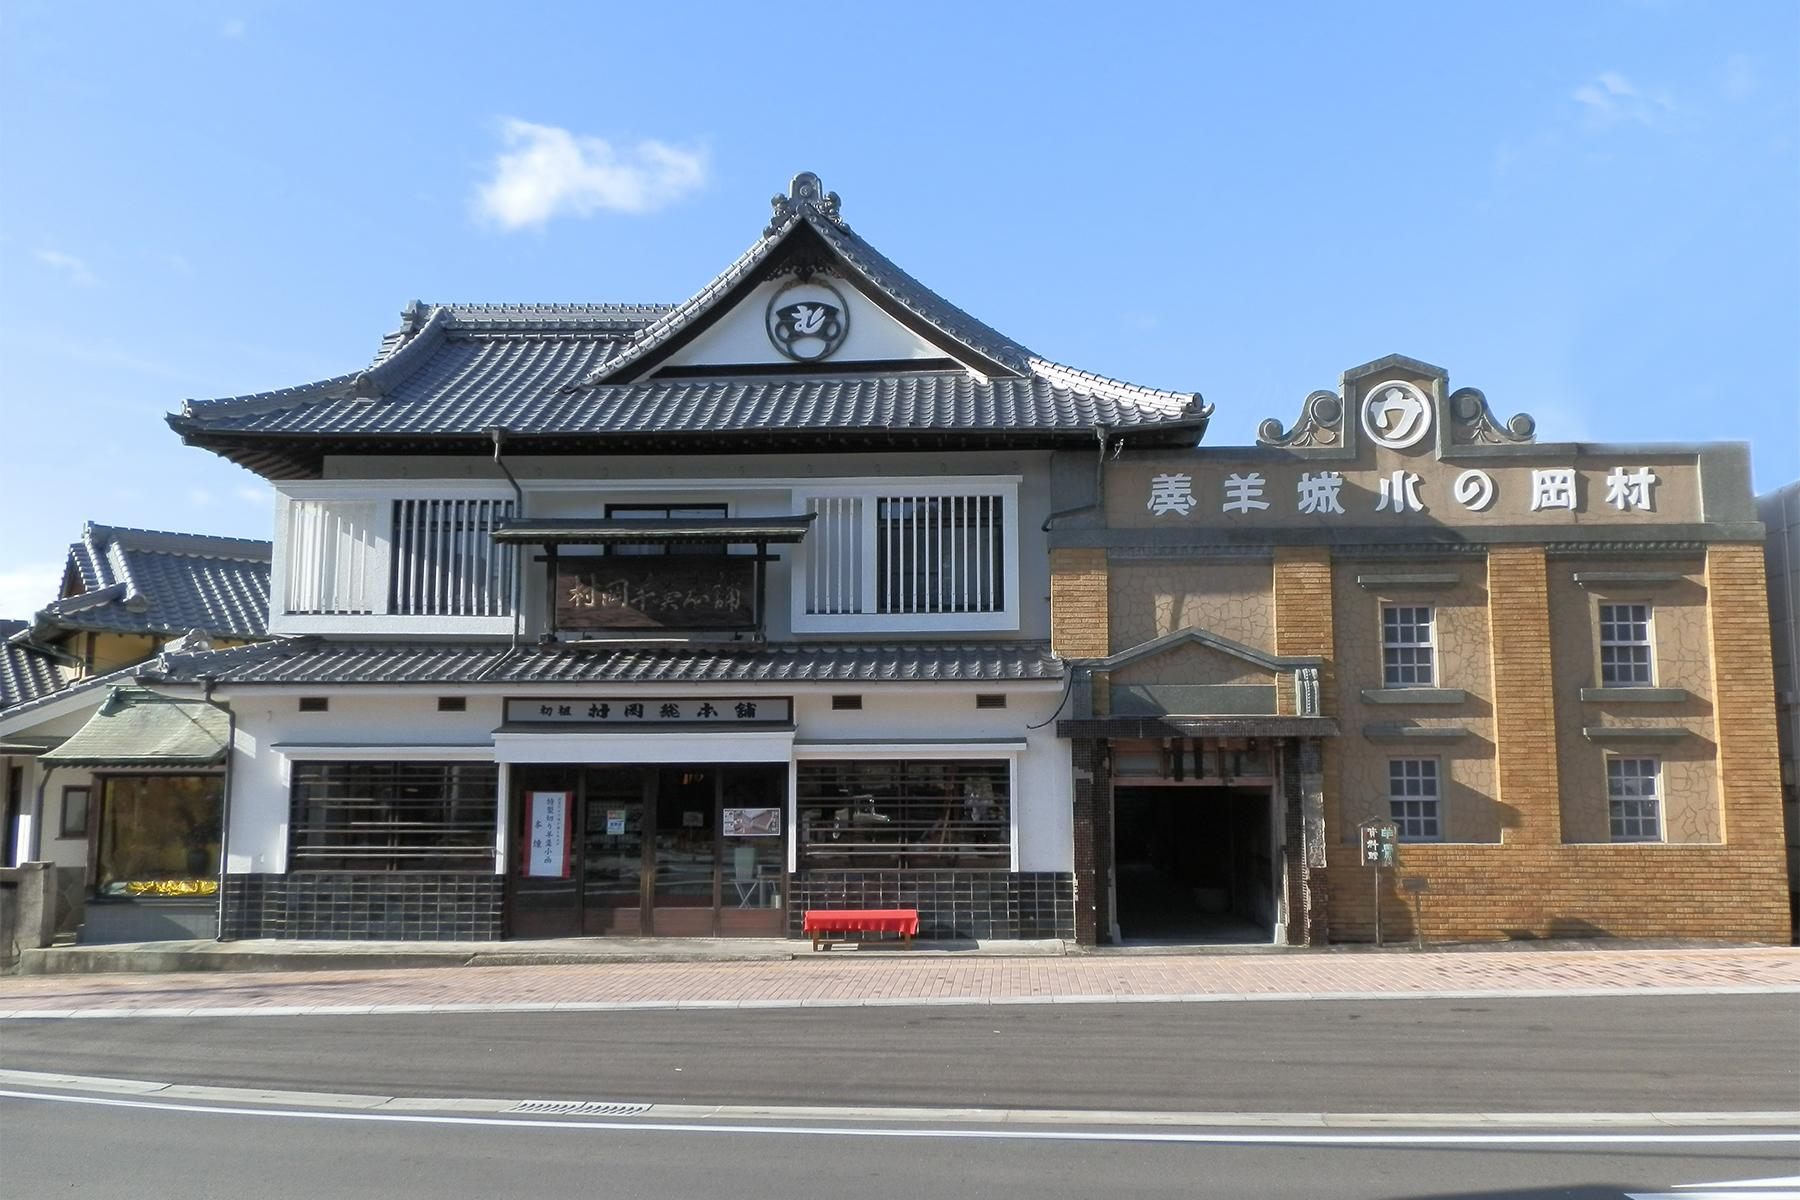 (左)村岡総本舗本店(右)村岡総本舗羊羹資料館